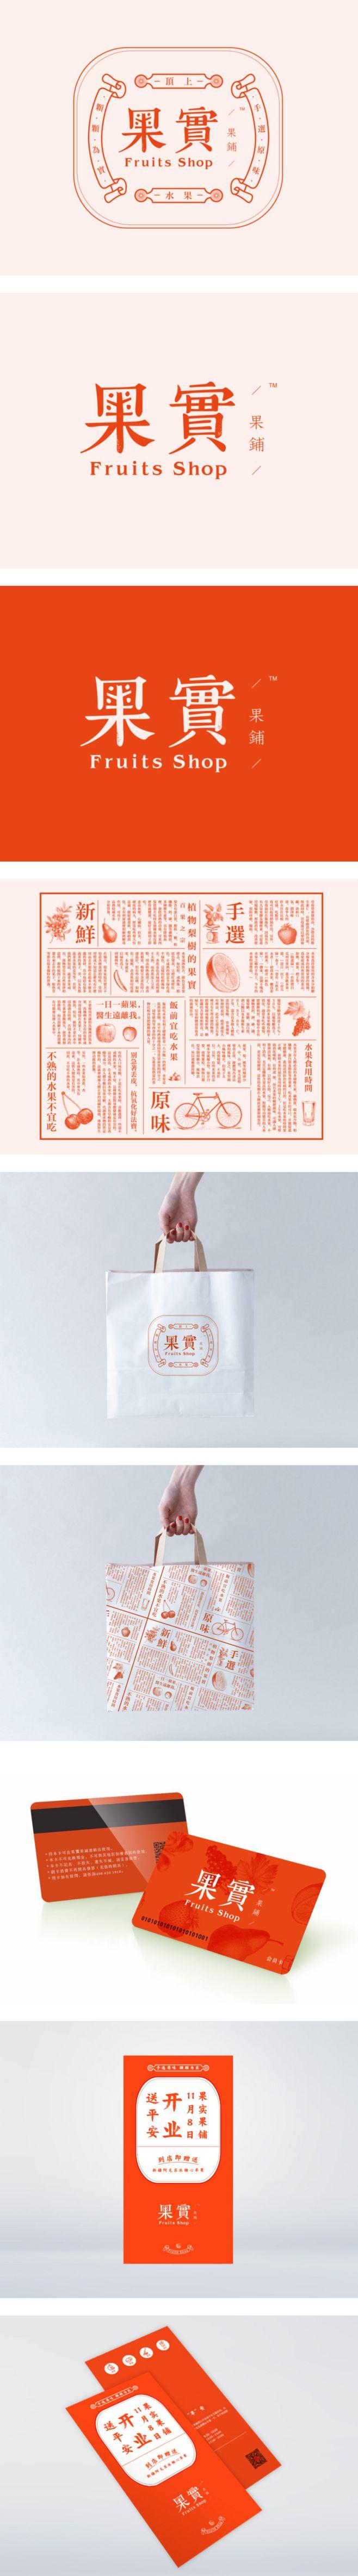 果实果铺品牌设计|VI/CI|平面|薄荷...